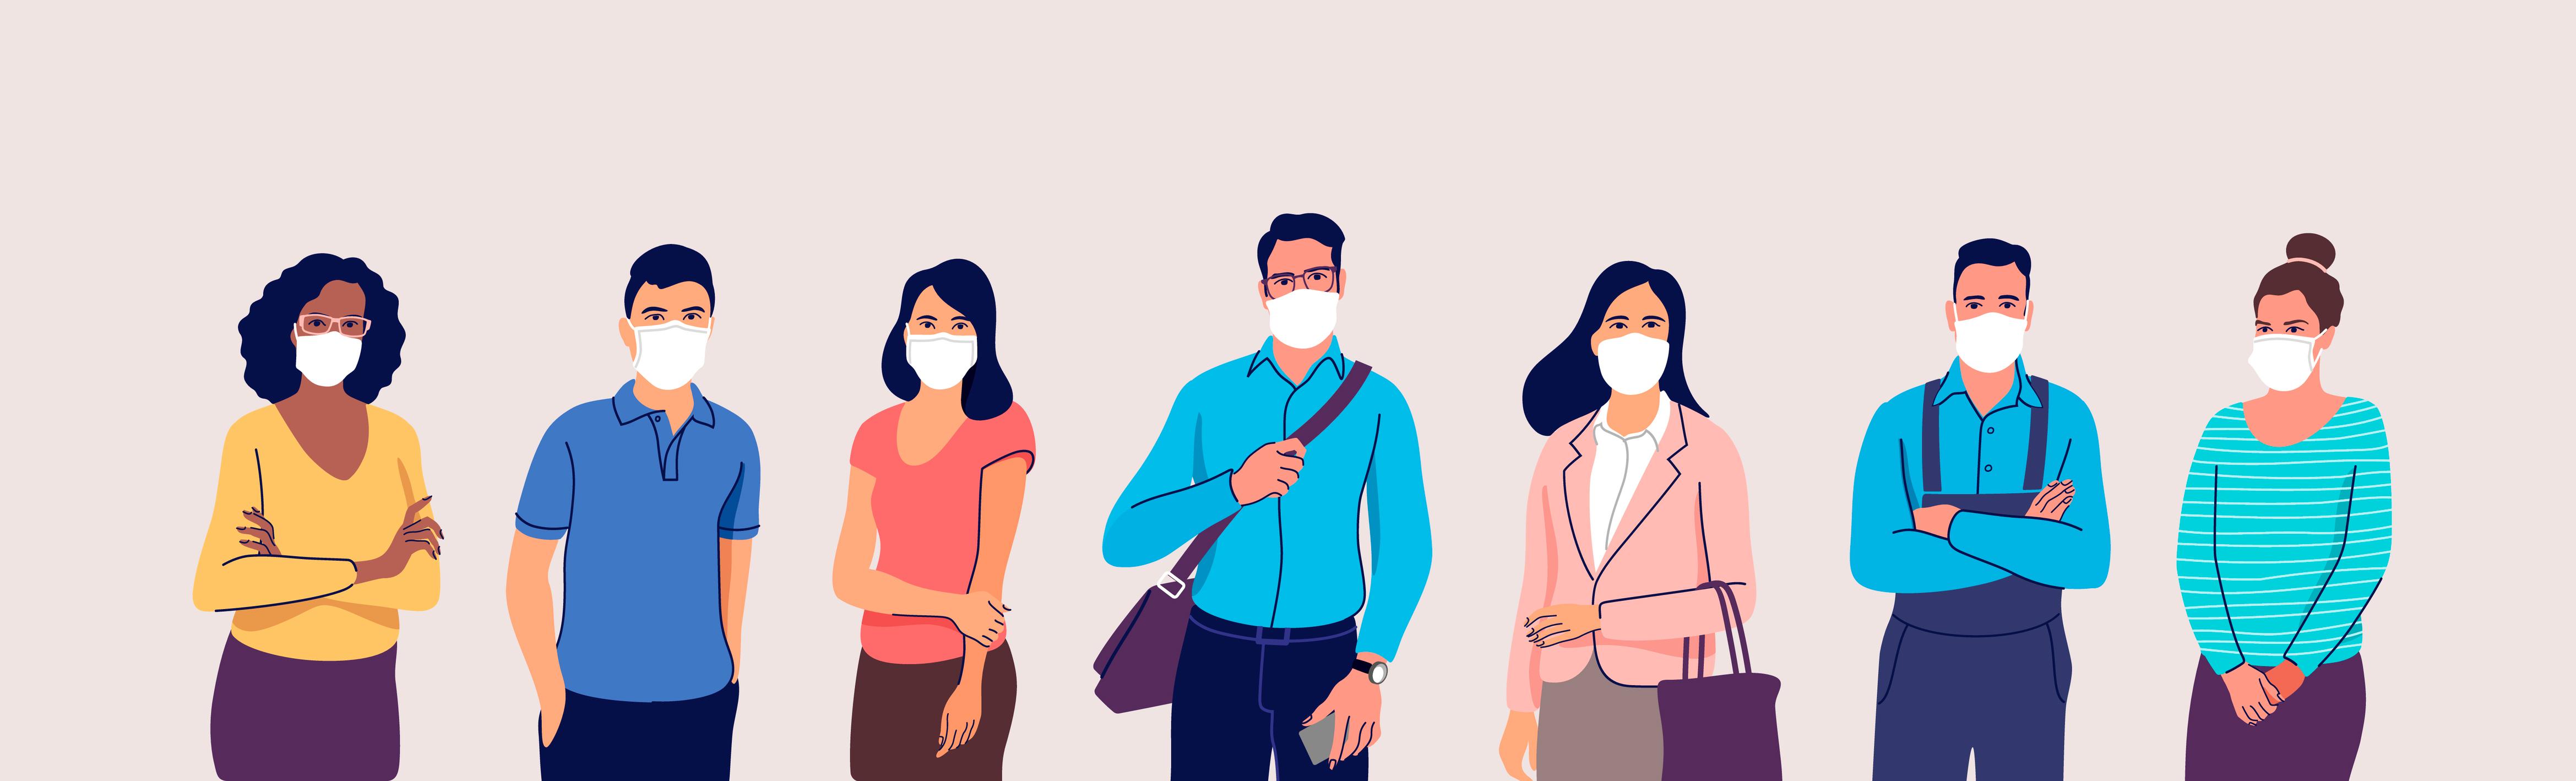 La investigación de The Lancet indagó en la respuesta dispar de las naciones frente al coronavirus (Shutterstock)